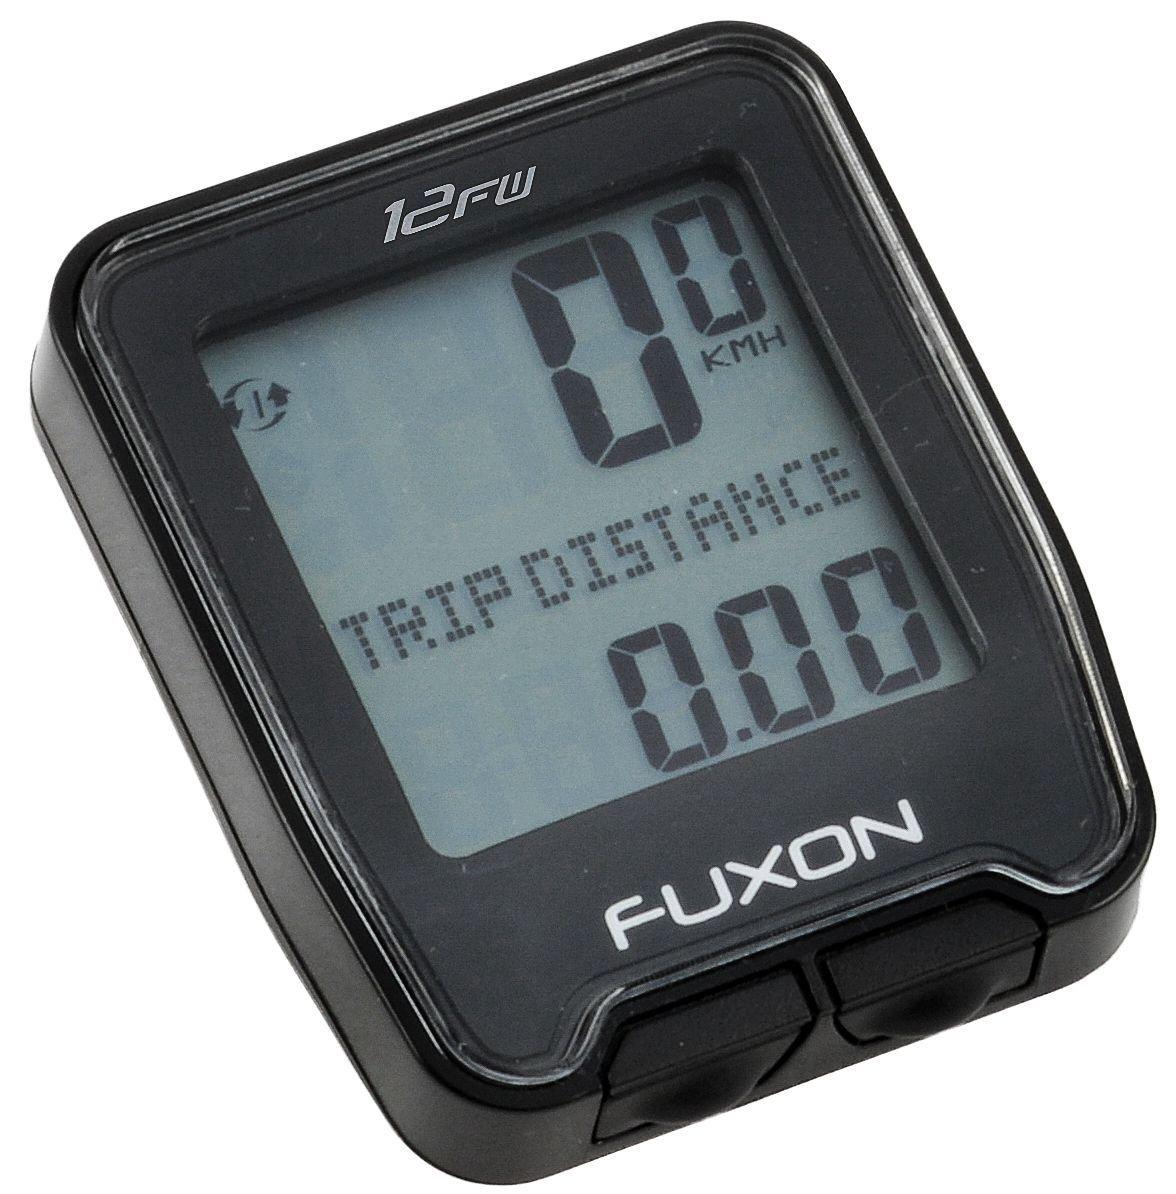 Fuxon 12FW wireless Computer